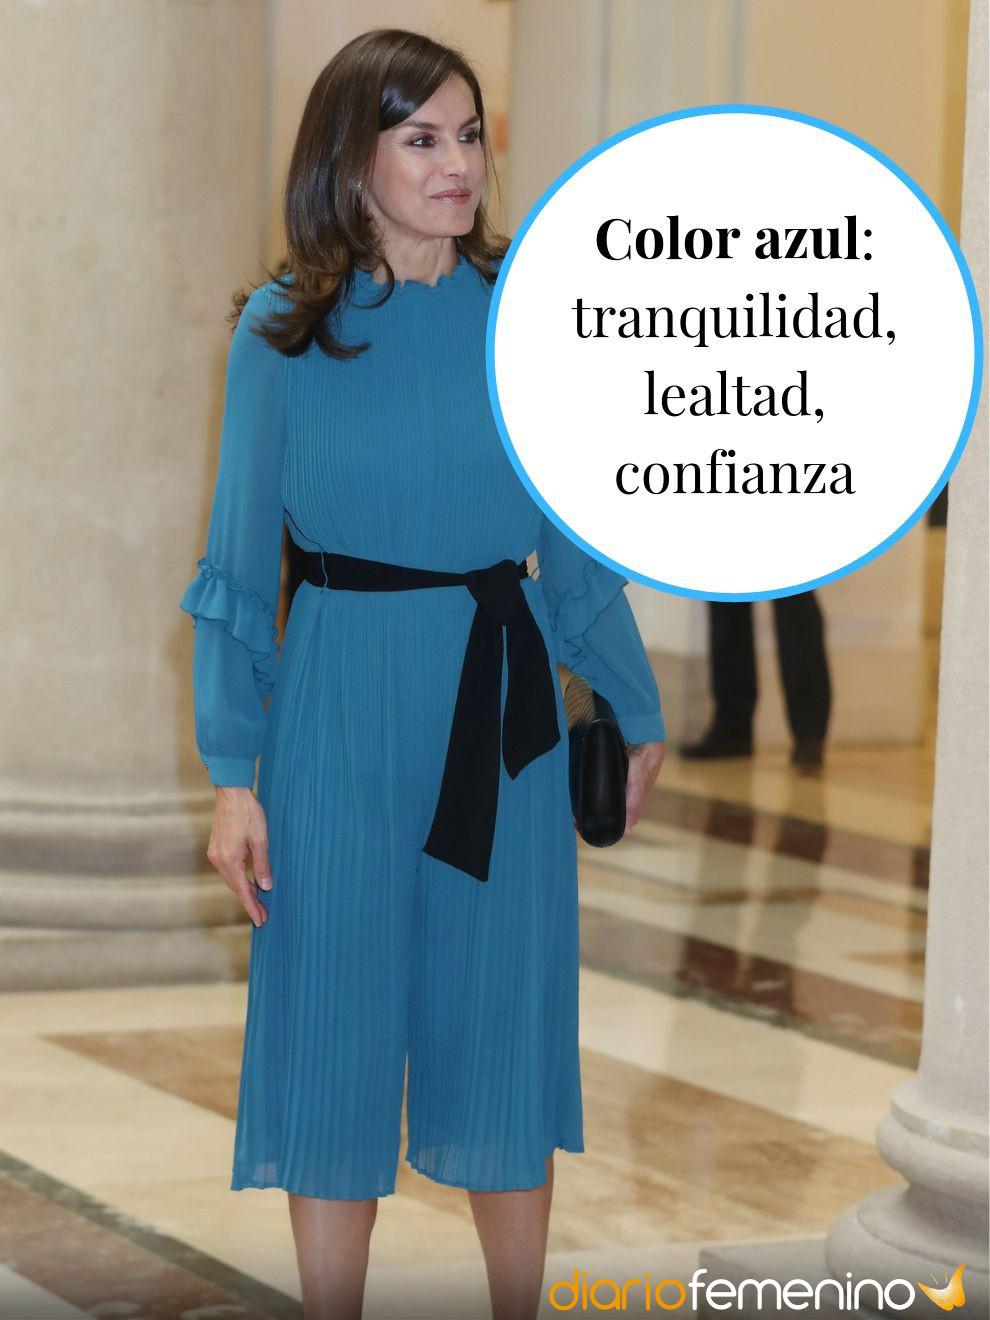 Color azul y su significado en la ropa: confianza y lealtad